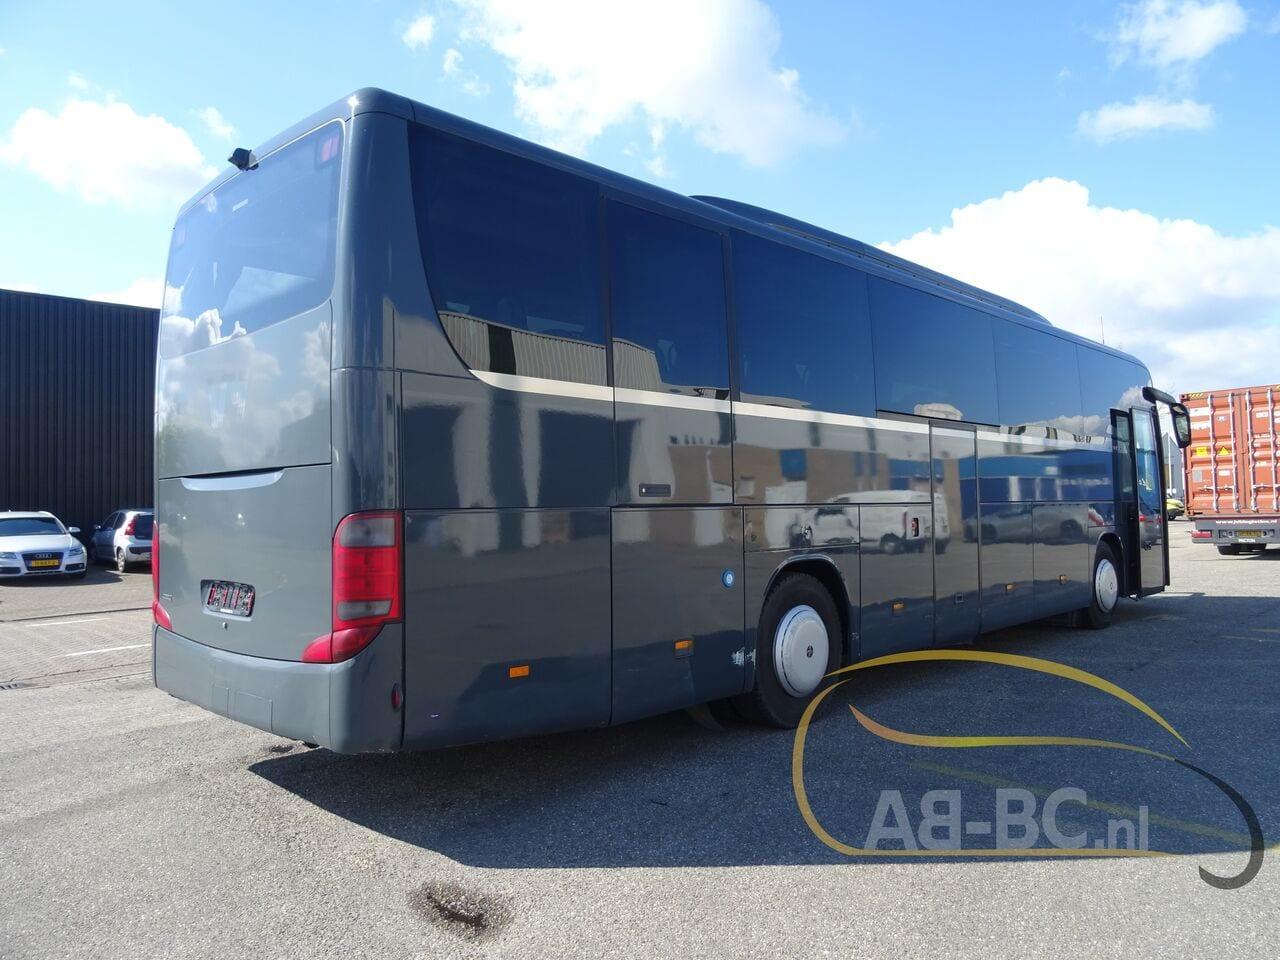 coach-busSETRA-S415-GT-HD-FINAL-EDITION-51-SEATS-LIFTBUS---1620381823156970628_big_34f28fbaf9770a67c7c1888e4214f006--21050713010665719300